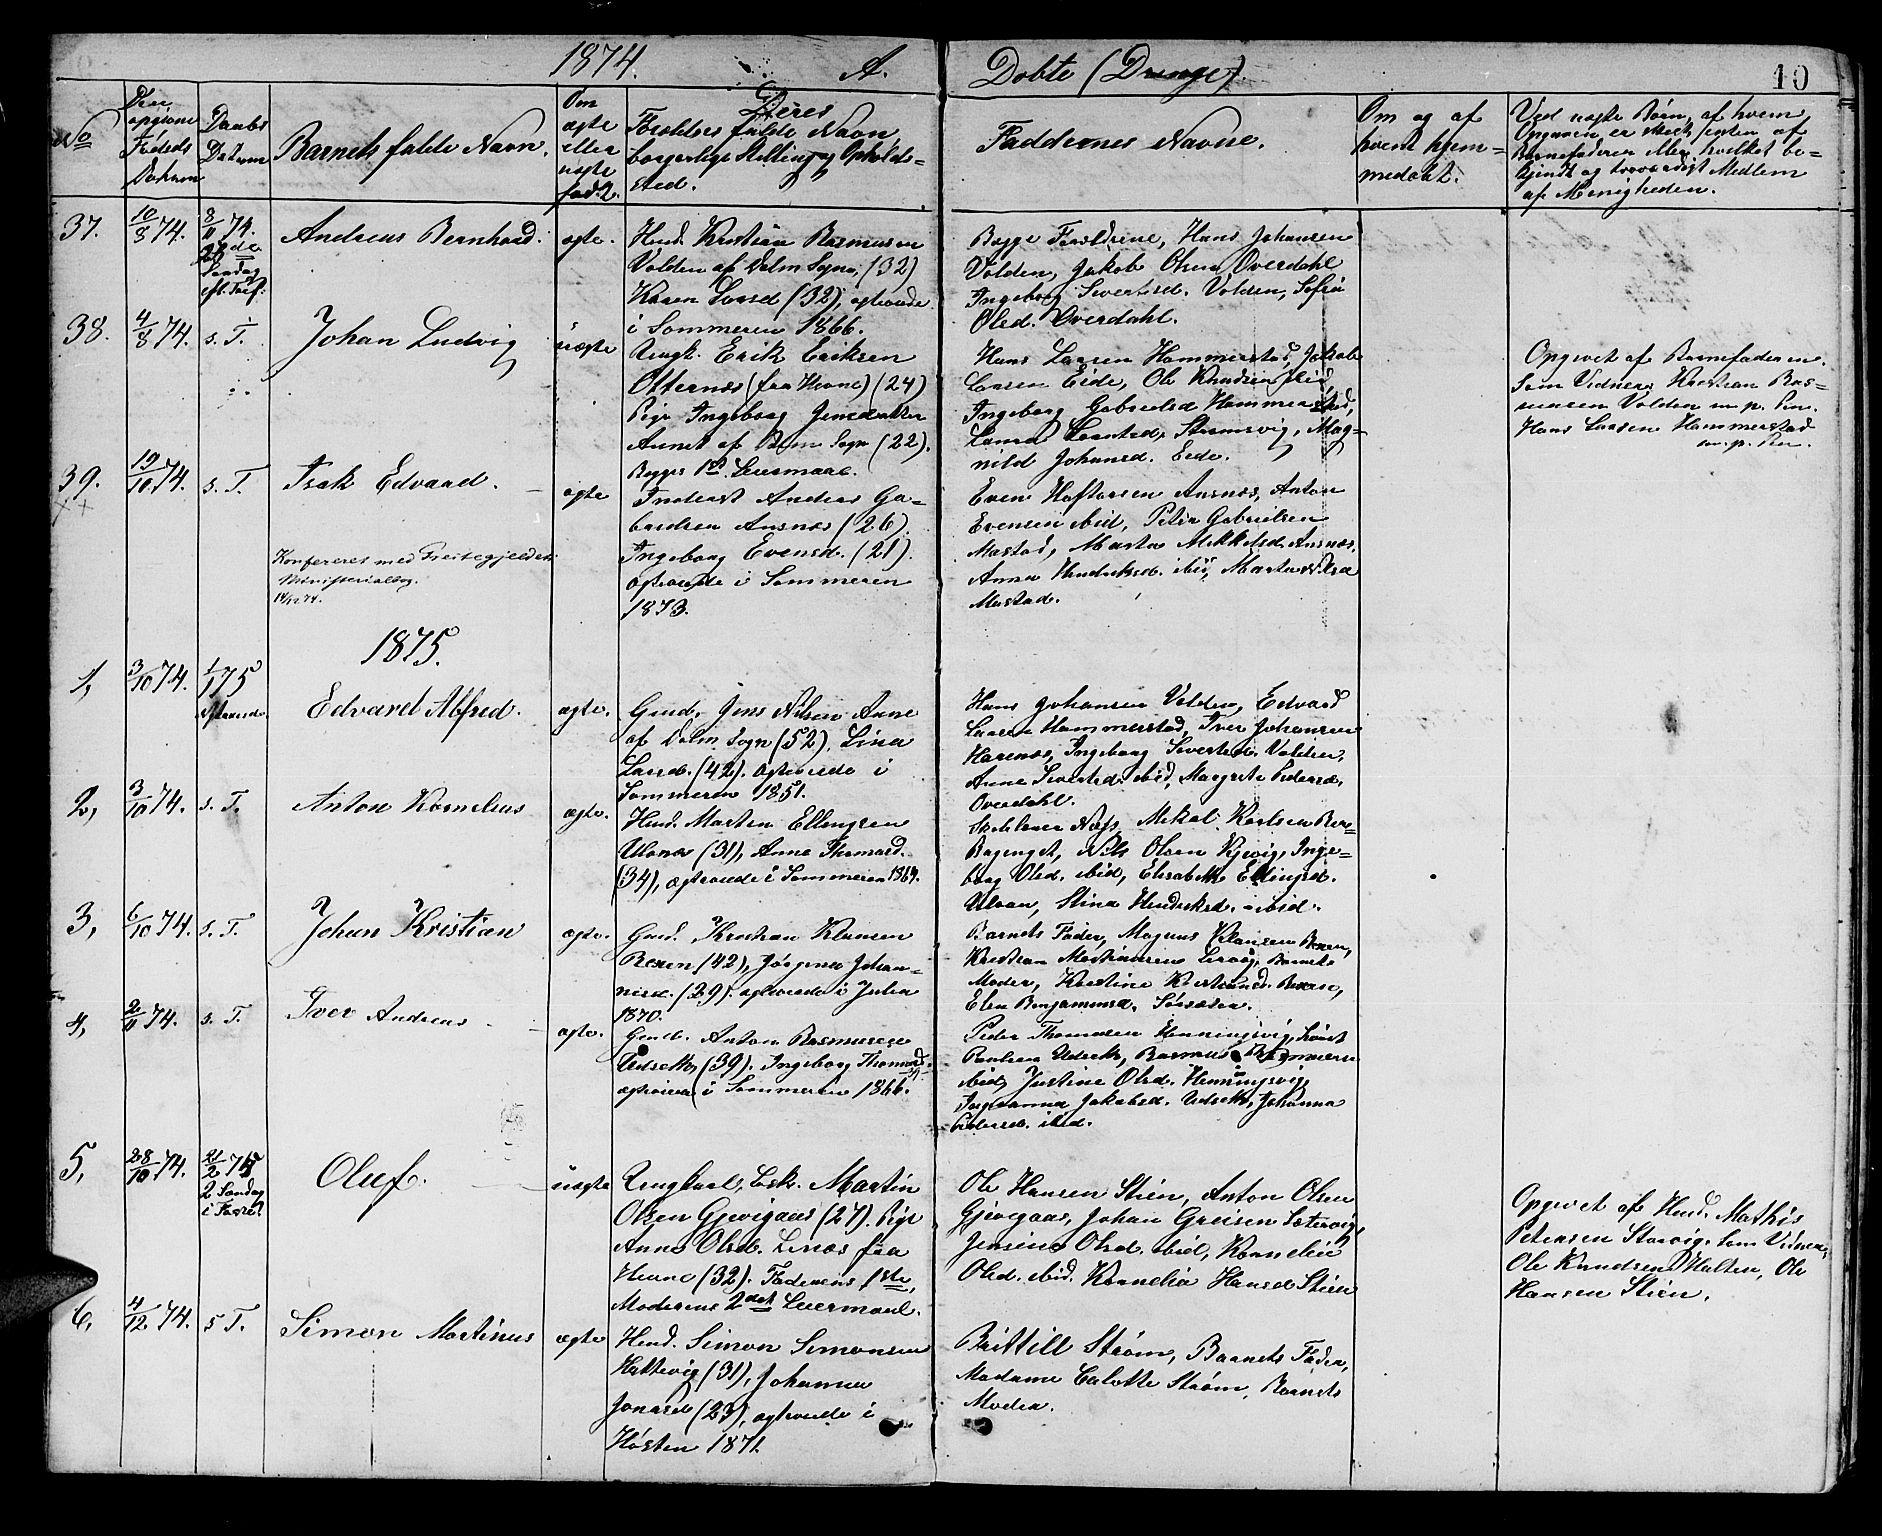 SAT, Ministerialprotokoller, klokkerbøker og fødselsregistre - Sør-Trøndelag, 637/L0561: Klokkerbok nr. 637C02, 1873-1882, s. 10